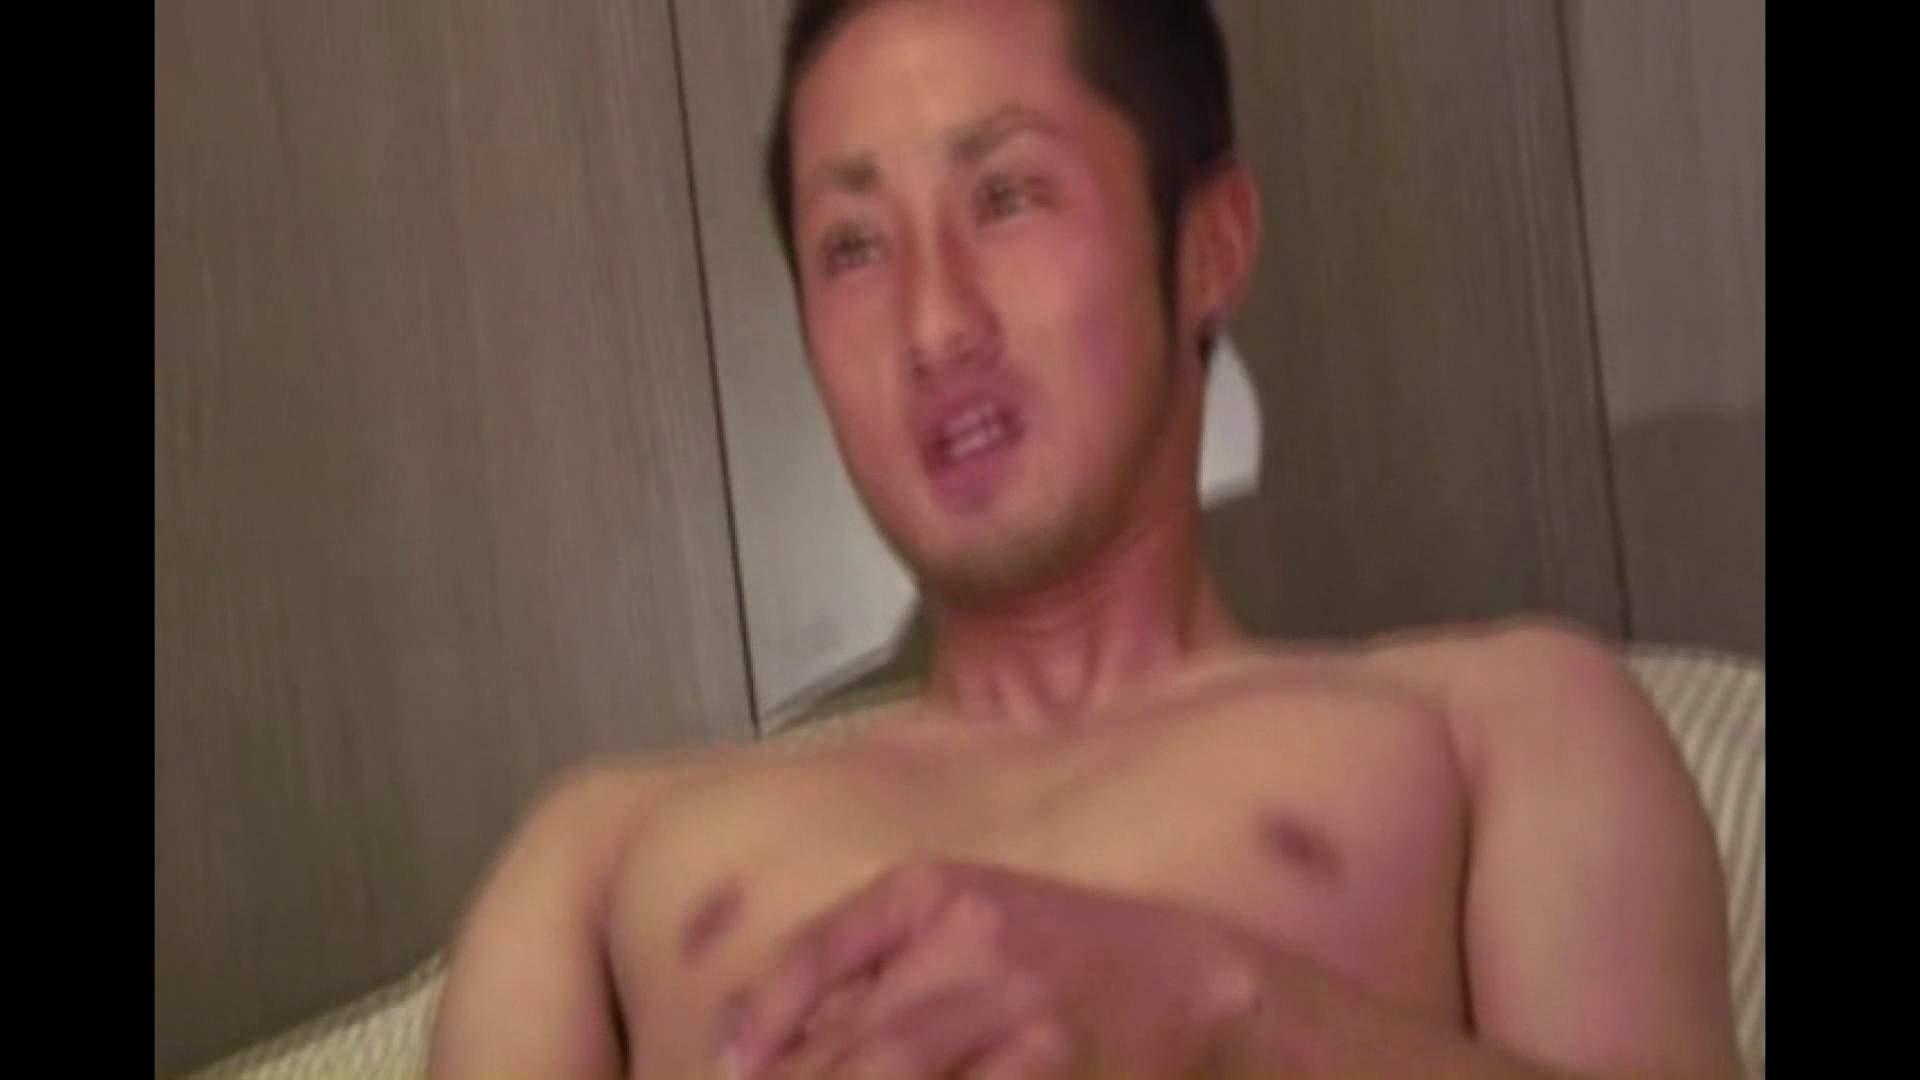 ノンケイケメンの欲望と肉棒 Vol.4 肉   ノンケボーイズ  52pic 15